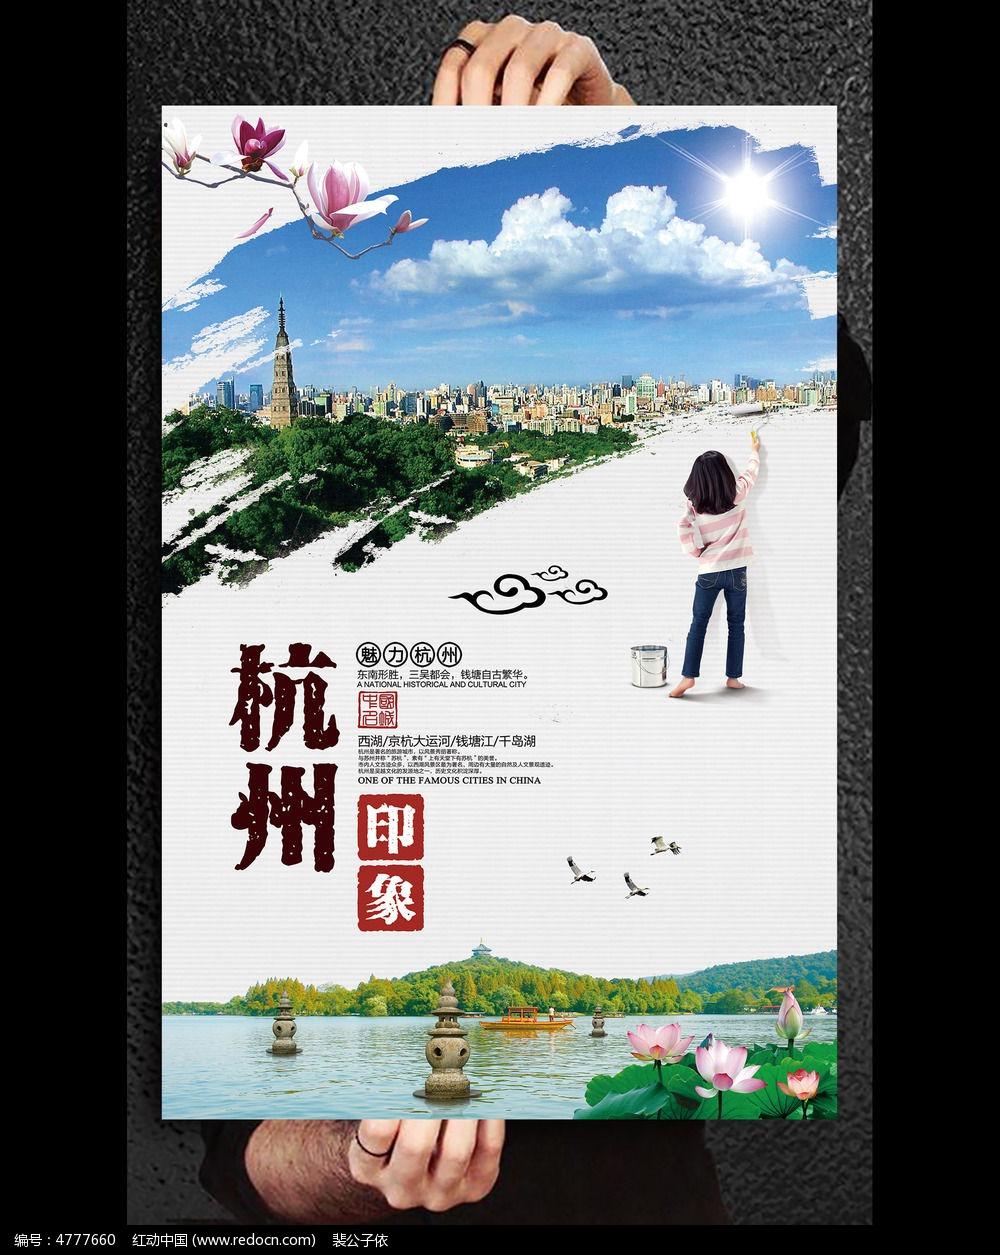 杭州印象旅游公司宣传海报设计